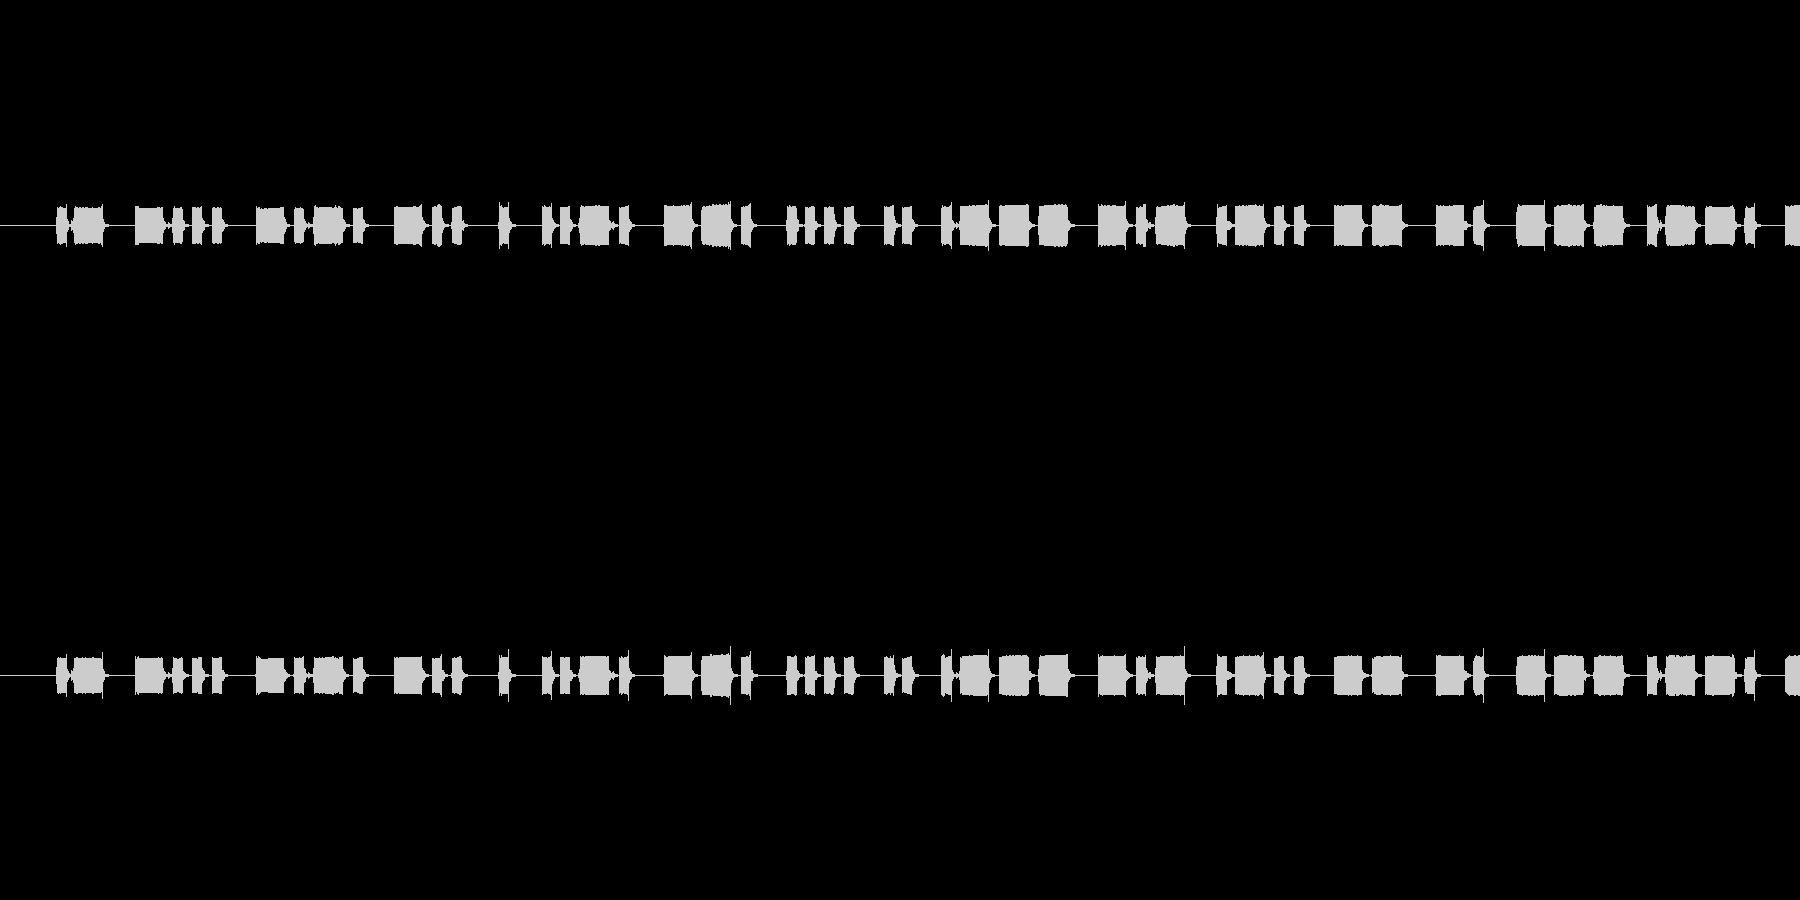 モールス信号の音の未再生の波形